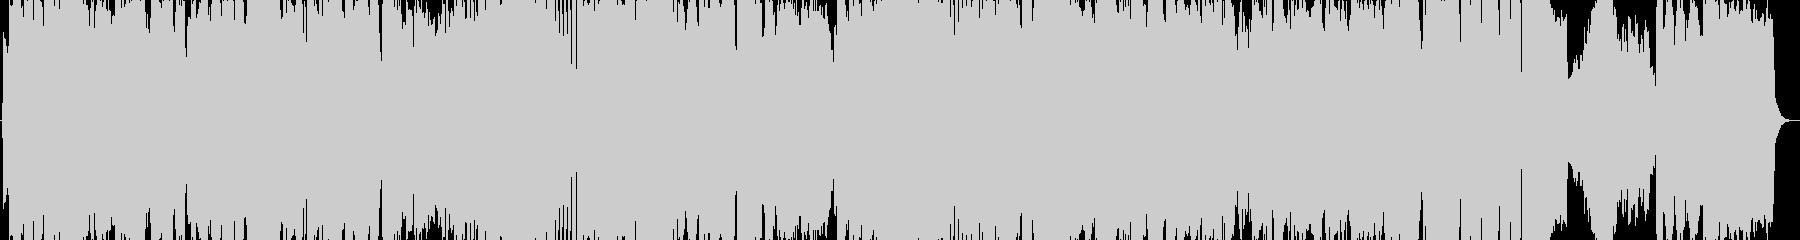 ノクターン9-2トランペットアレンジの未再生の波形